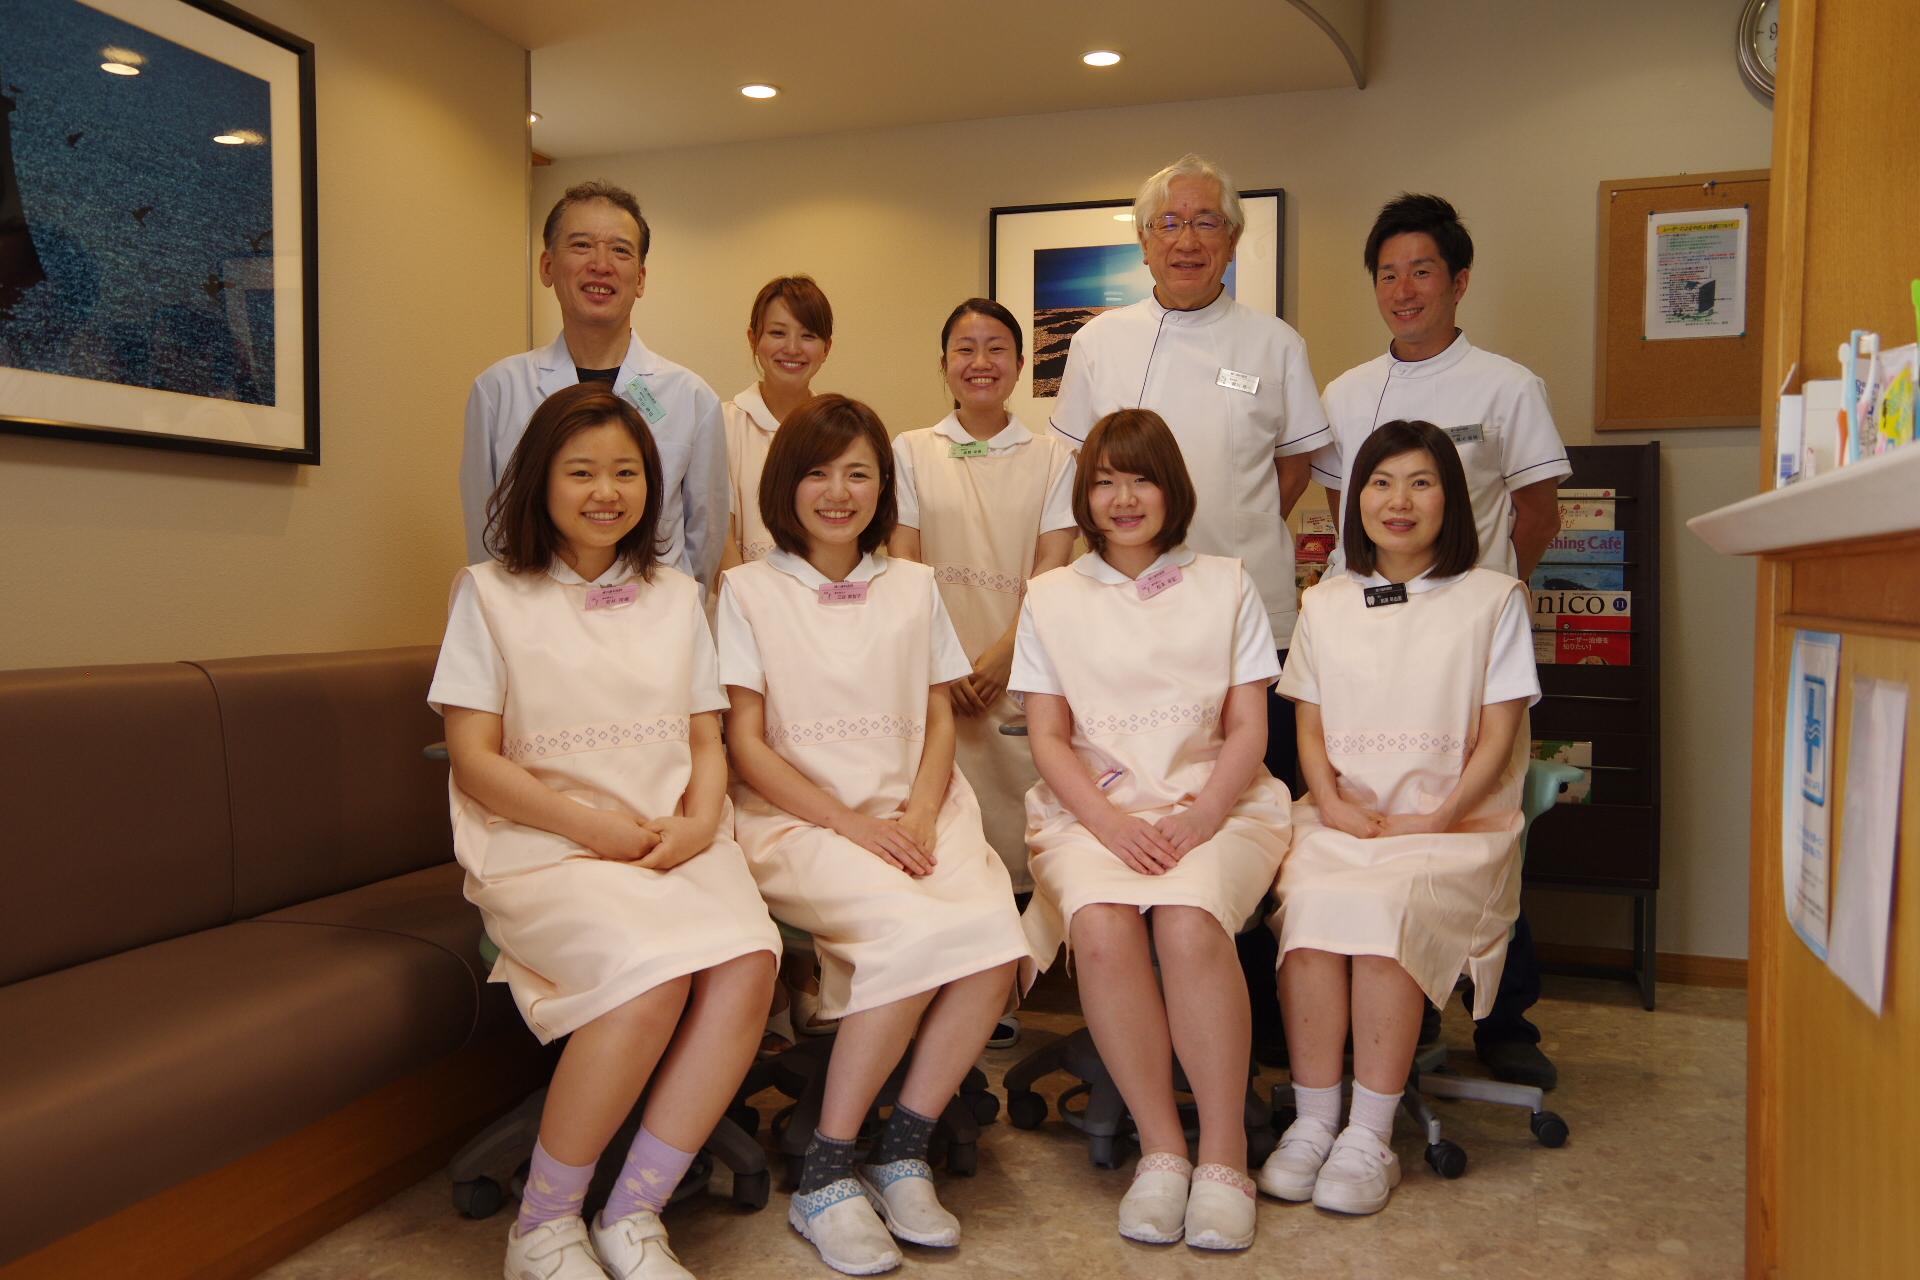 一緒に成長していける歯科衛生士さん募集!岡山駅から徒歩3分!